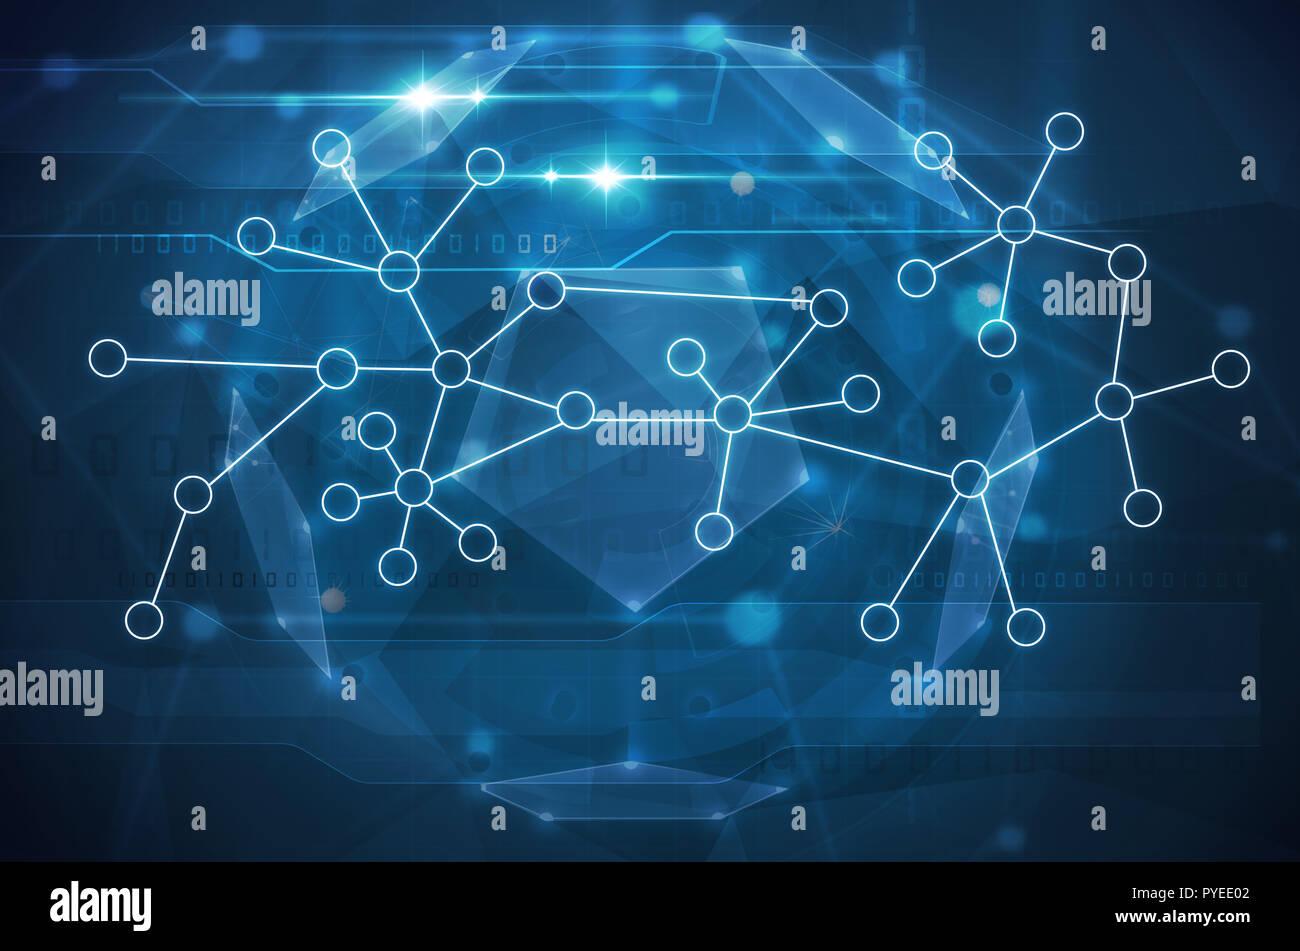 Resumen Antecedentes La biotecnología moléculas. Imagen De Stock